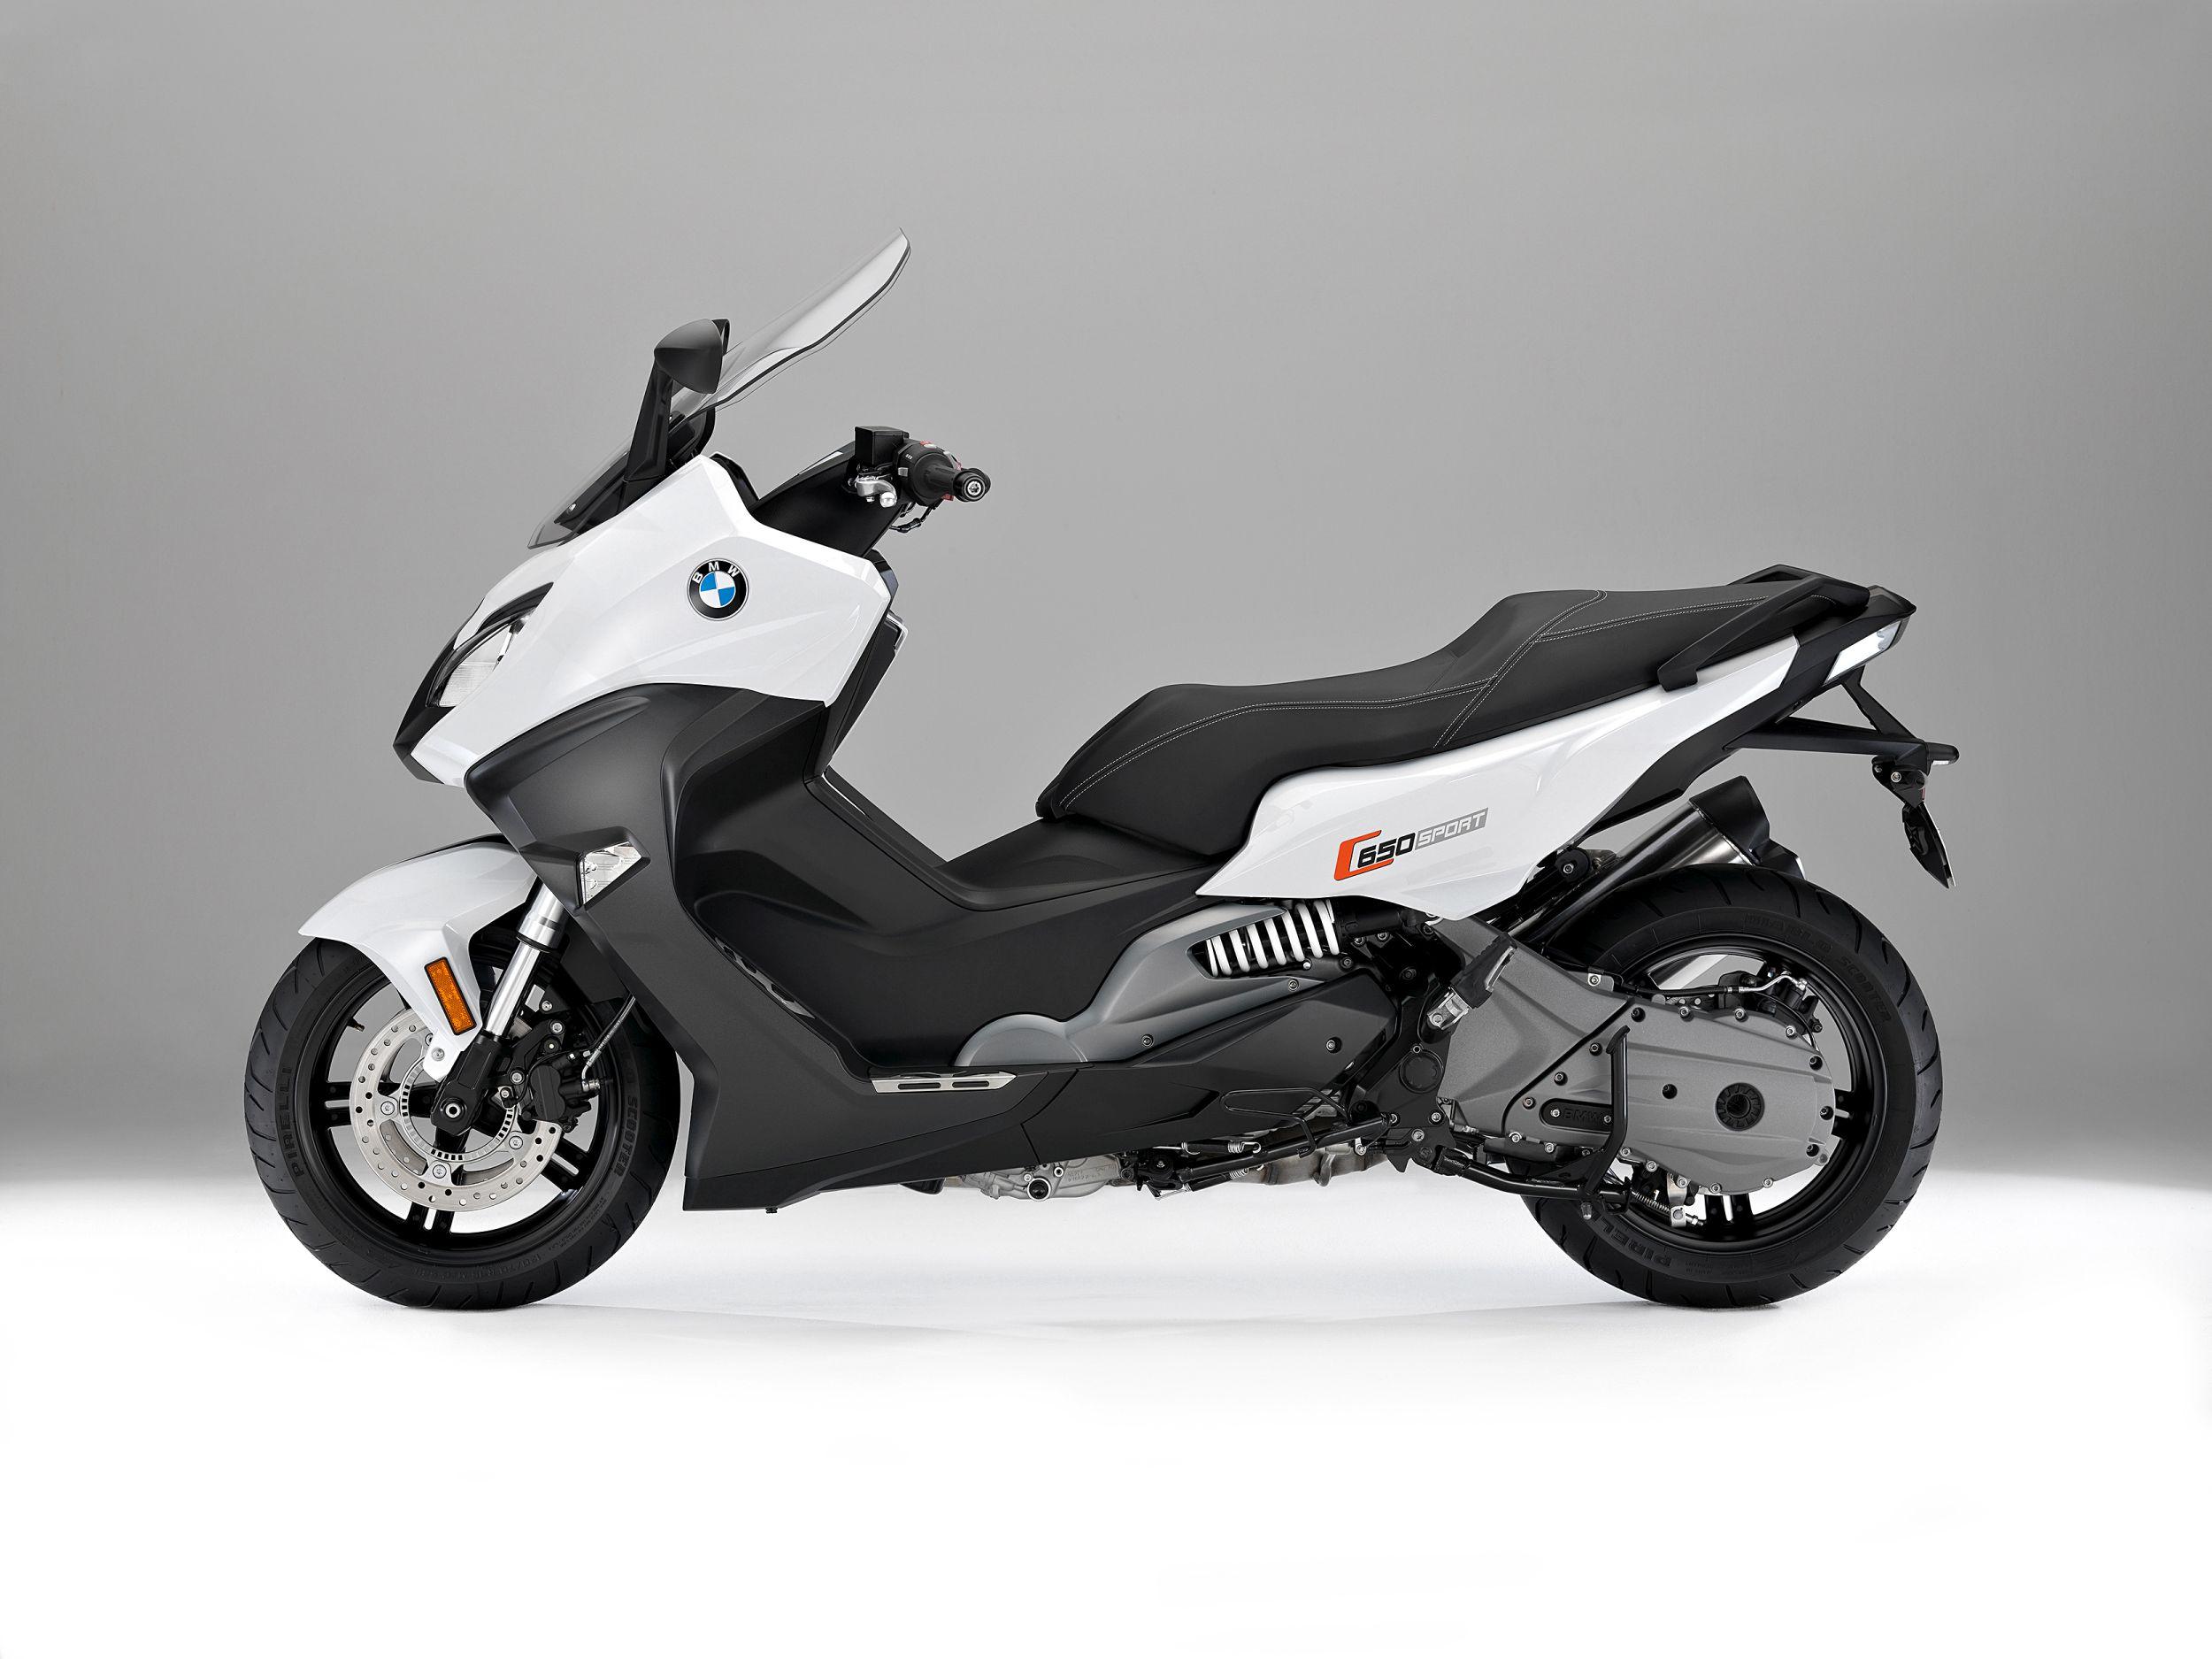 gebrauchte und neue bmw c 650 sport motorr der kaufen. Black Bedroom Furniture Sets. Home Design Ideas